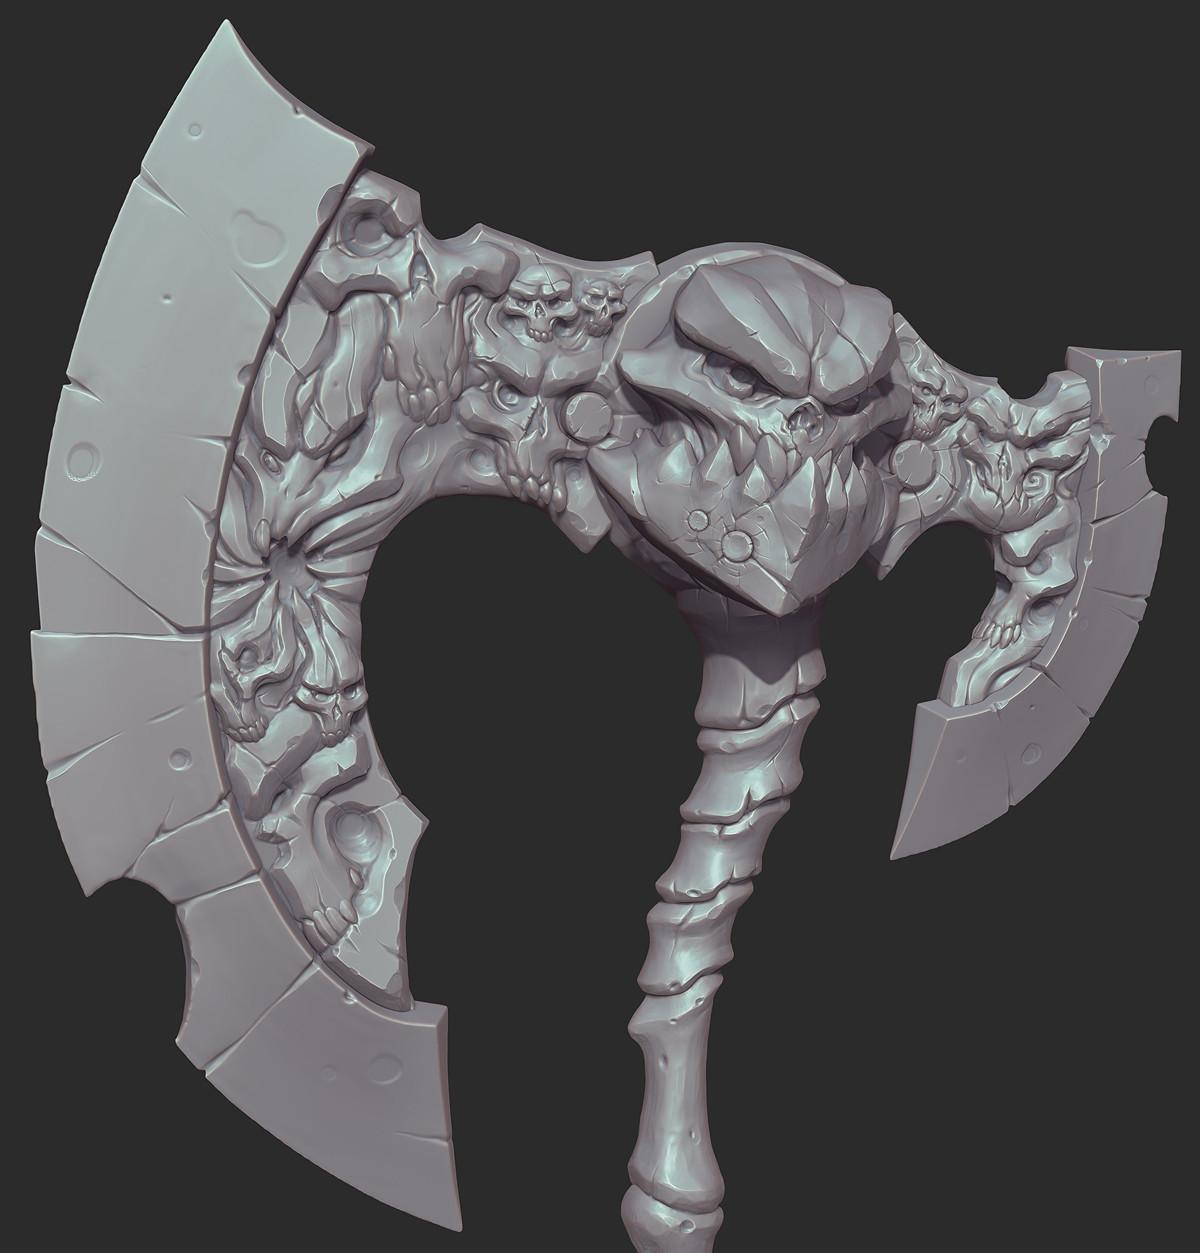 Michael vicente ds weapon closeup